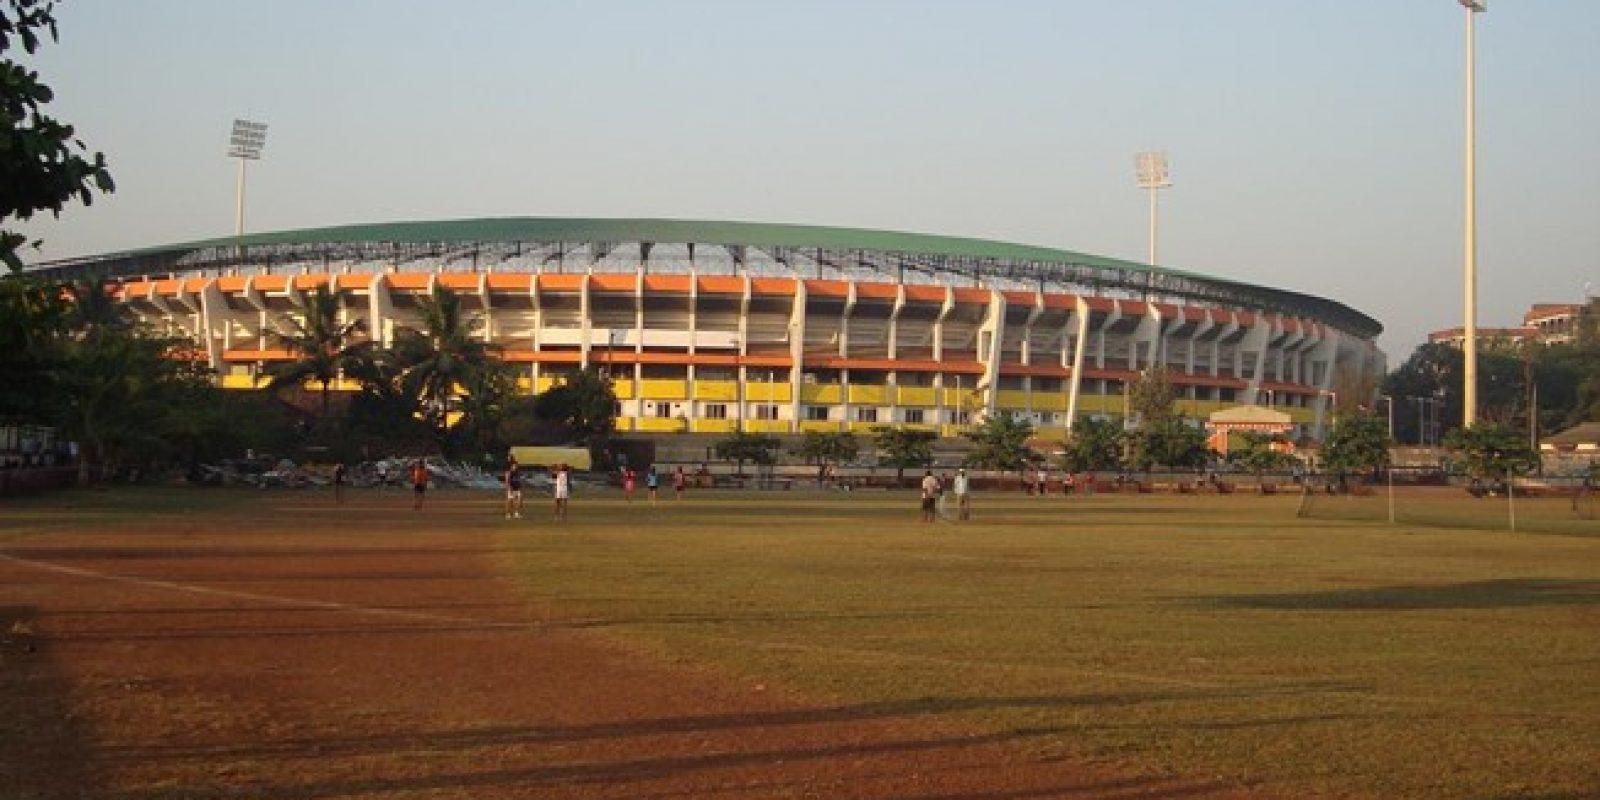 Jawaharlal Nehru Stadium (Goa): Es uno de los tres estadios del Mundial Sub 17 que cambió su nombre para rendir homenaje al primer Primer Ministro de India. Fue inaugurado en 1989 y remodelado en 2014, quedando con una capacidad para 19.000 espectadores, y fue sede del clasificatoria mundialista Sub 17 de Asia.